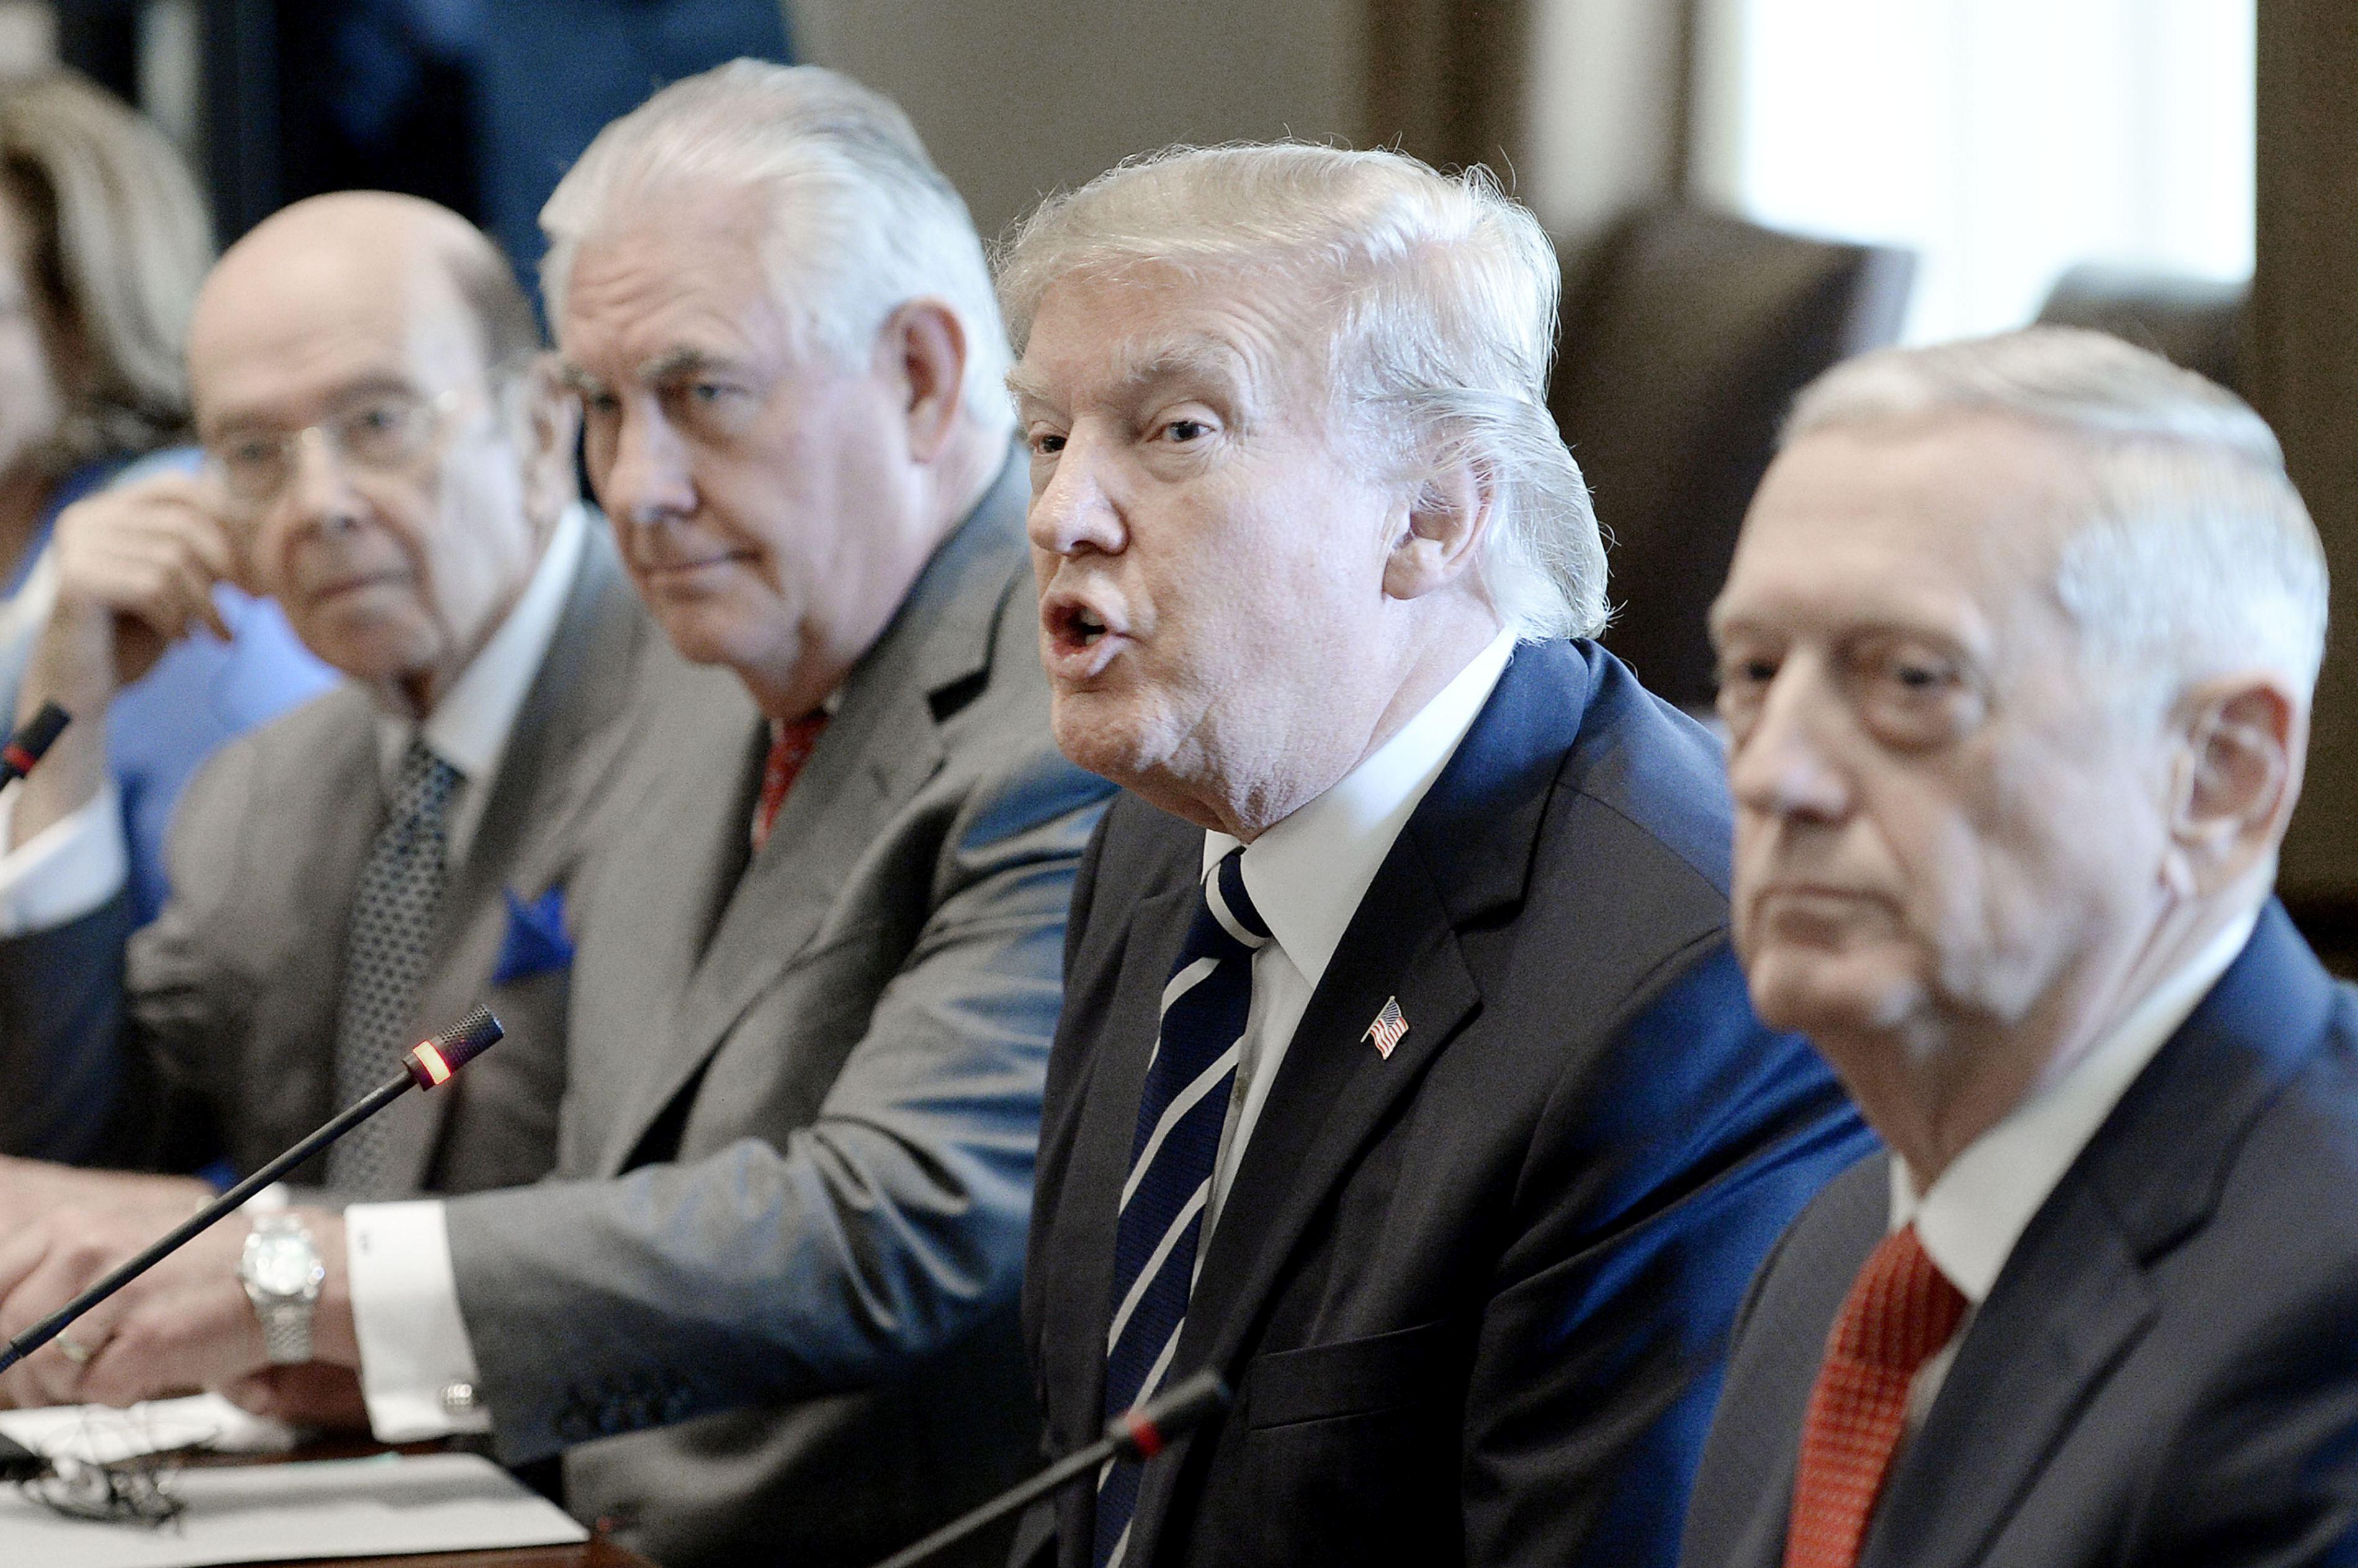 Rex Tillerson: Nu am pus niciodată la îndoială starea mintală a preşedintelui american Donald Trump